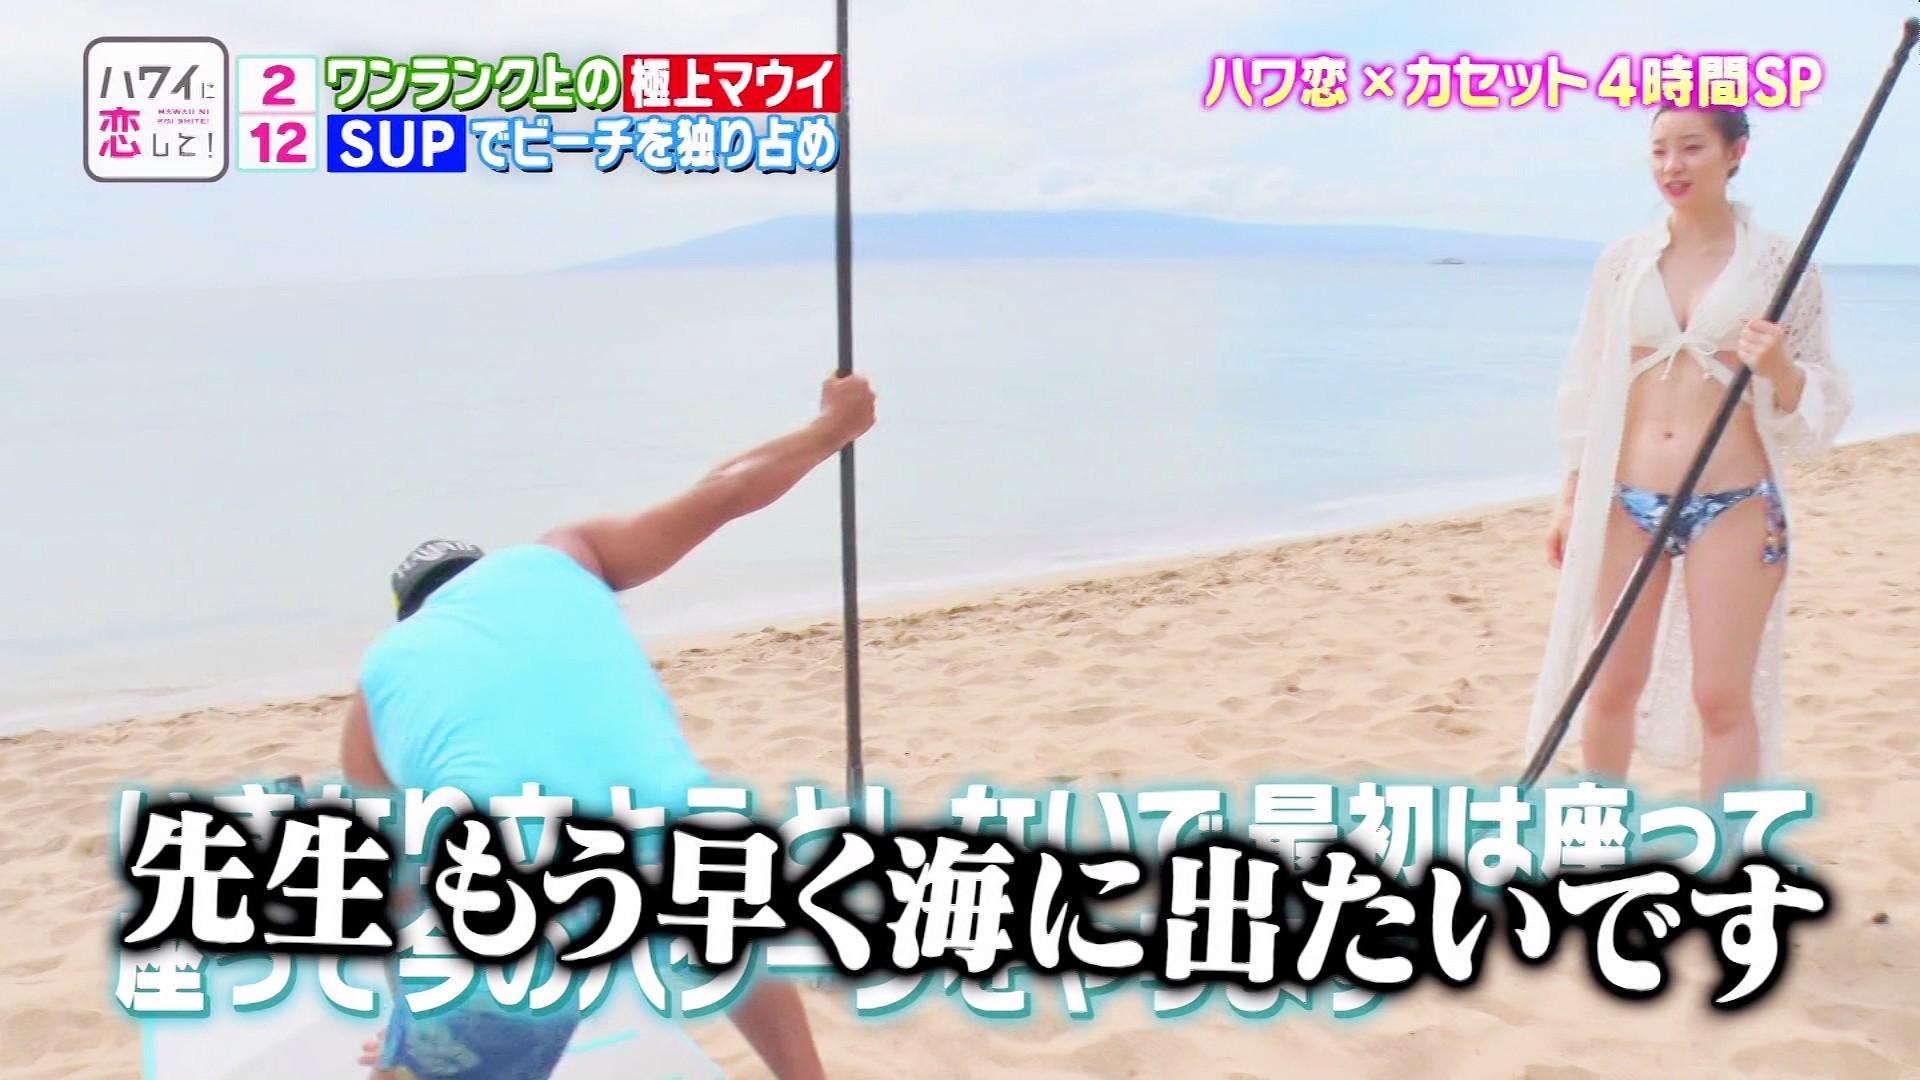 ハワイに恋してSP・足立梨花さんとサーシャさんのテレビキャプチャー画像-022